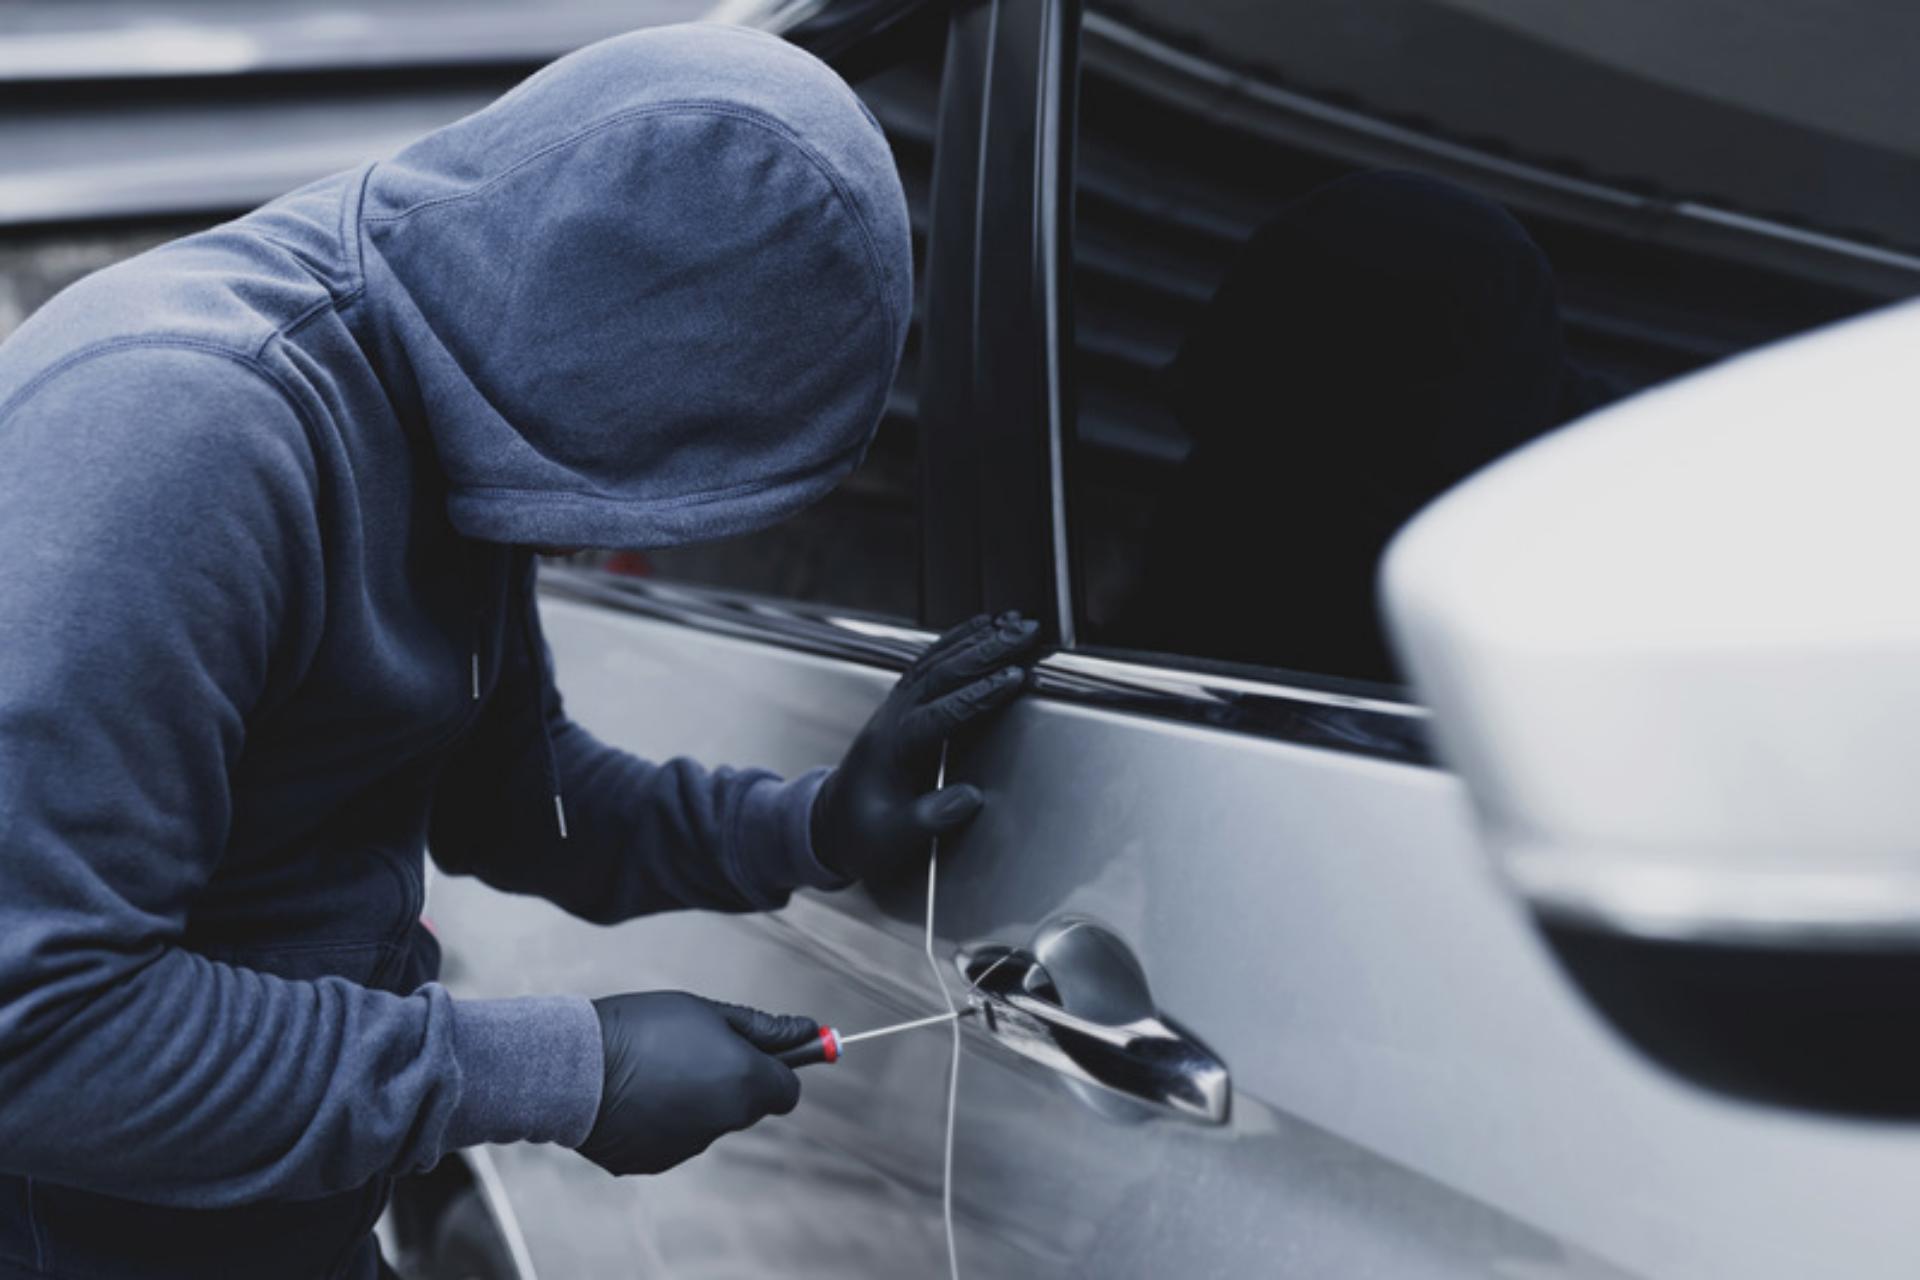 Обережно, автокрадії: улюблені бренди злочинців - крадії, злочинці, викрадення авто - Untitled design